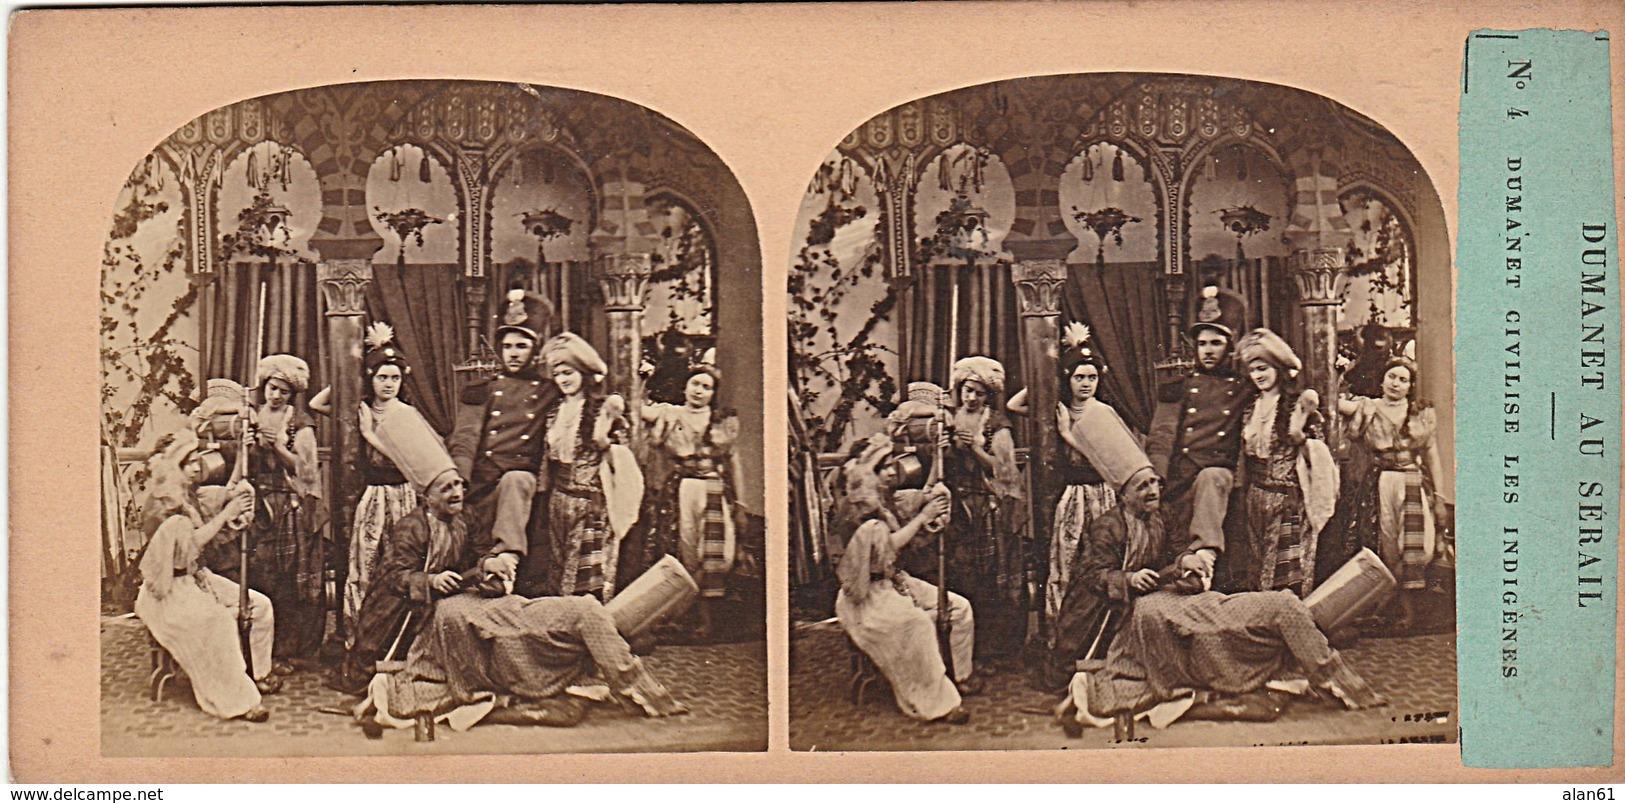 PHOTO STEREO 19 Eme DUMANET AU SERAIL DUMANET CIVILISE LES INDIGENES  N° 4 Humour épisode De La Guerre D' Alger - Stereo-Photographie